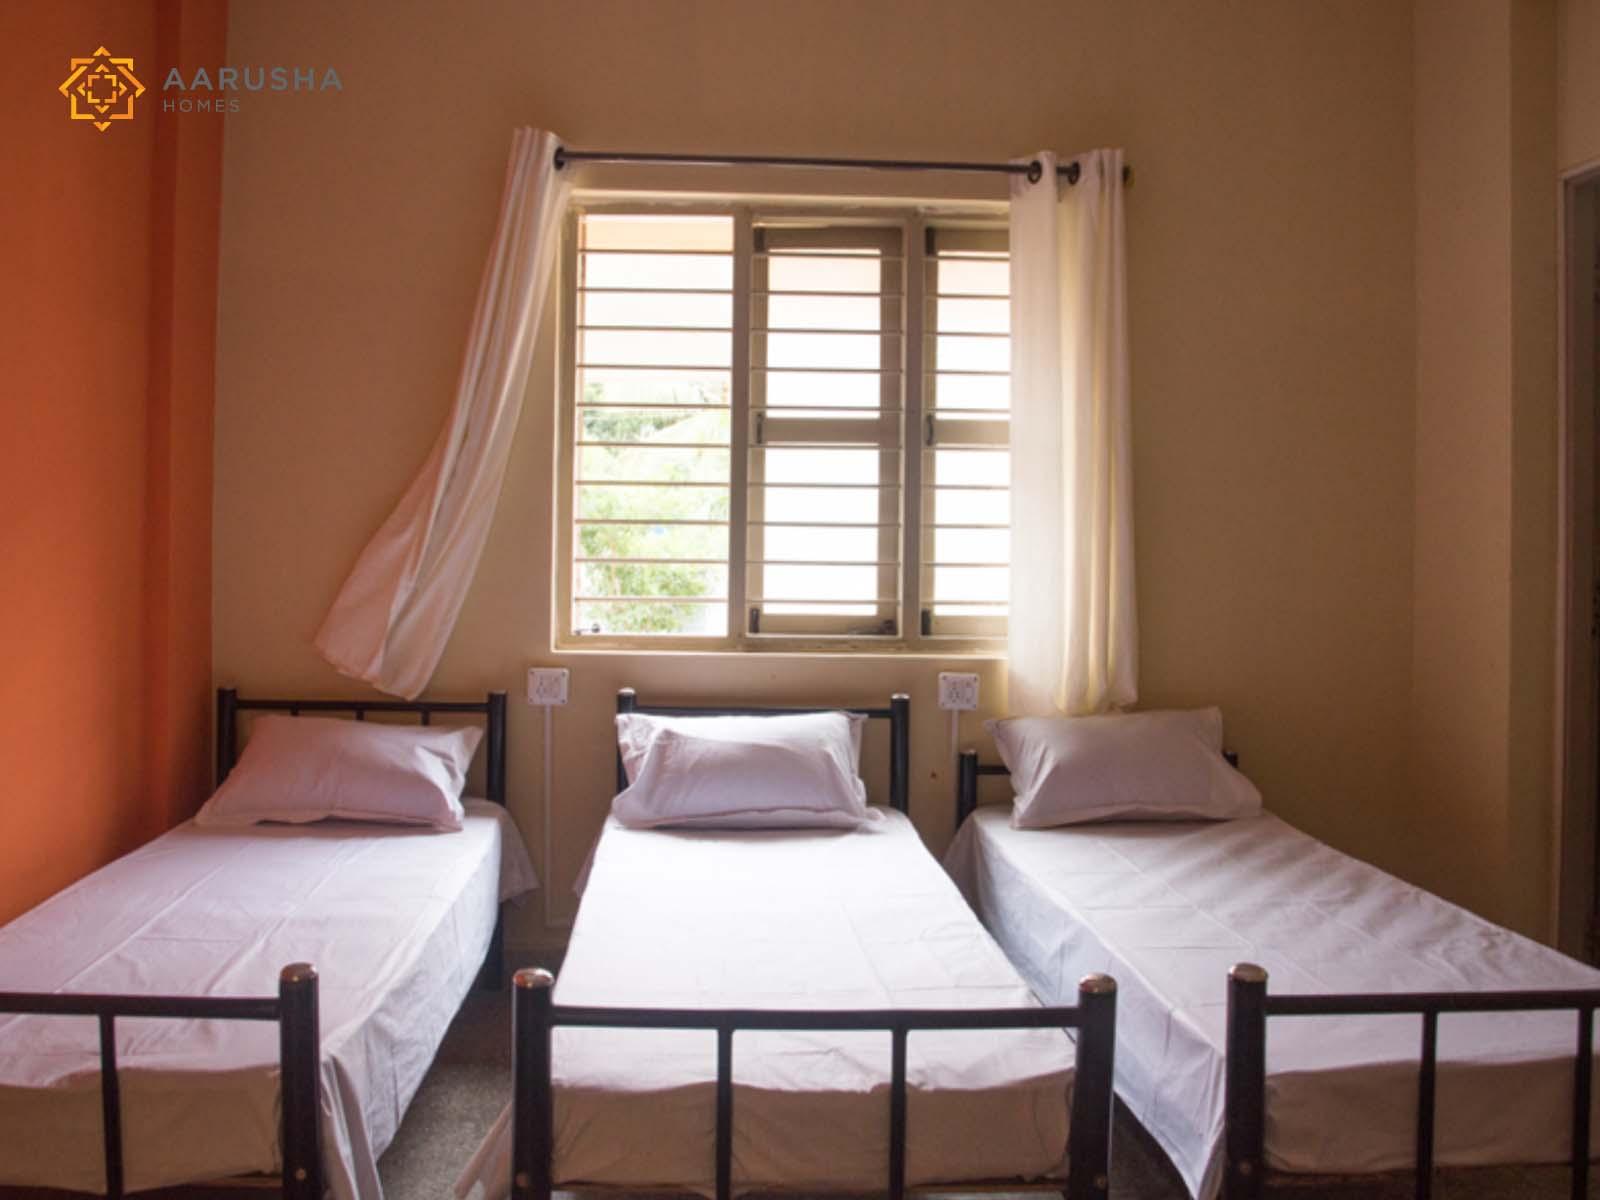 PG & Hostel For Men In Chikkasandra